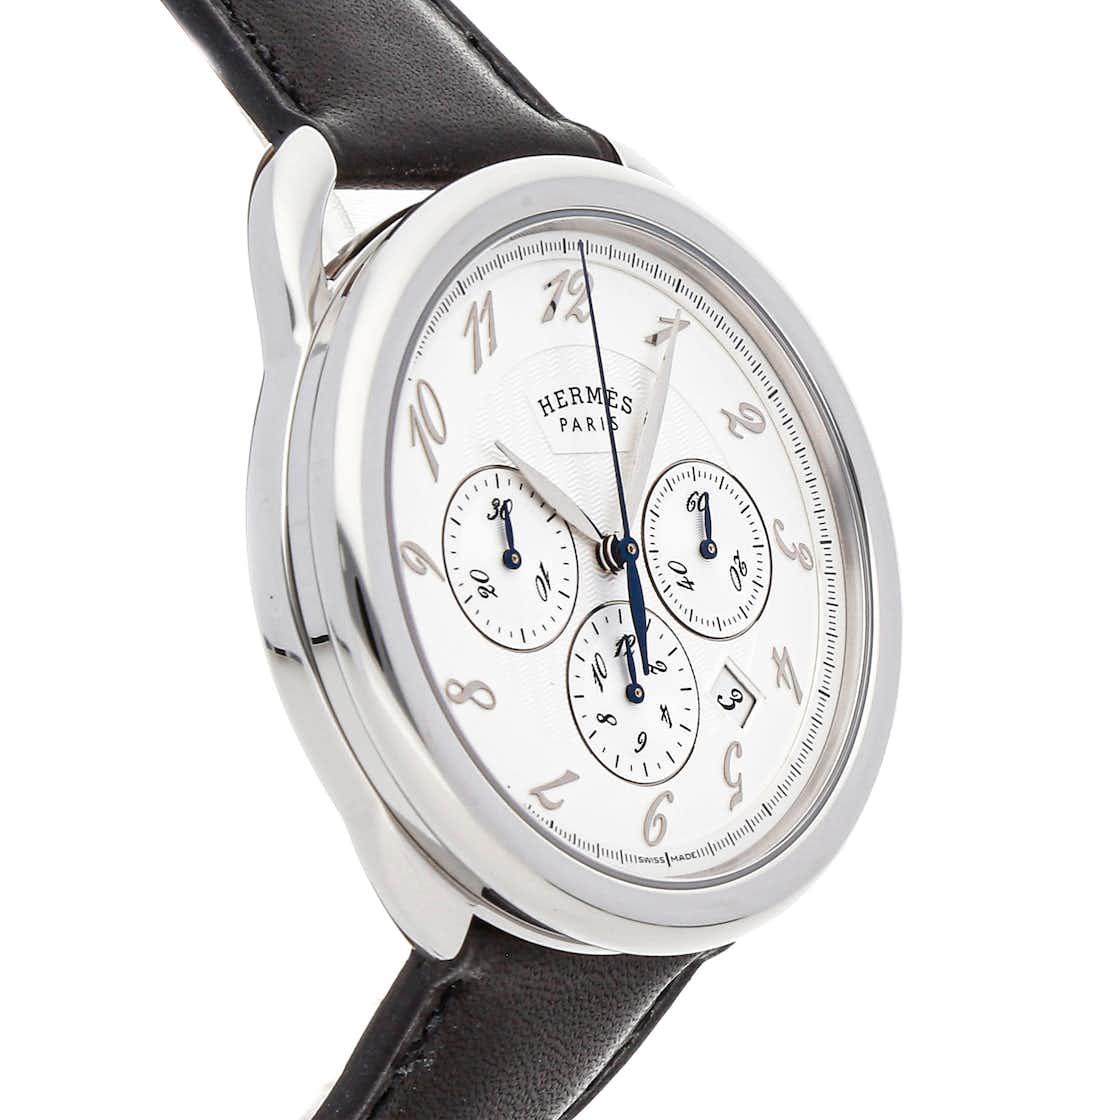 Hermes Arceau Chronograph AR4.910A